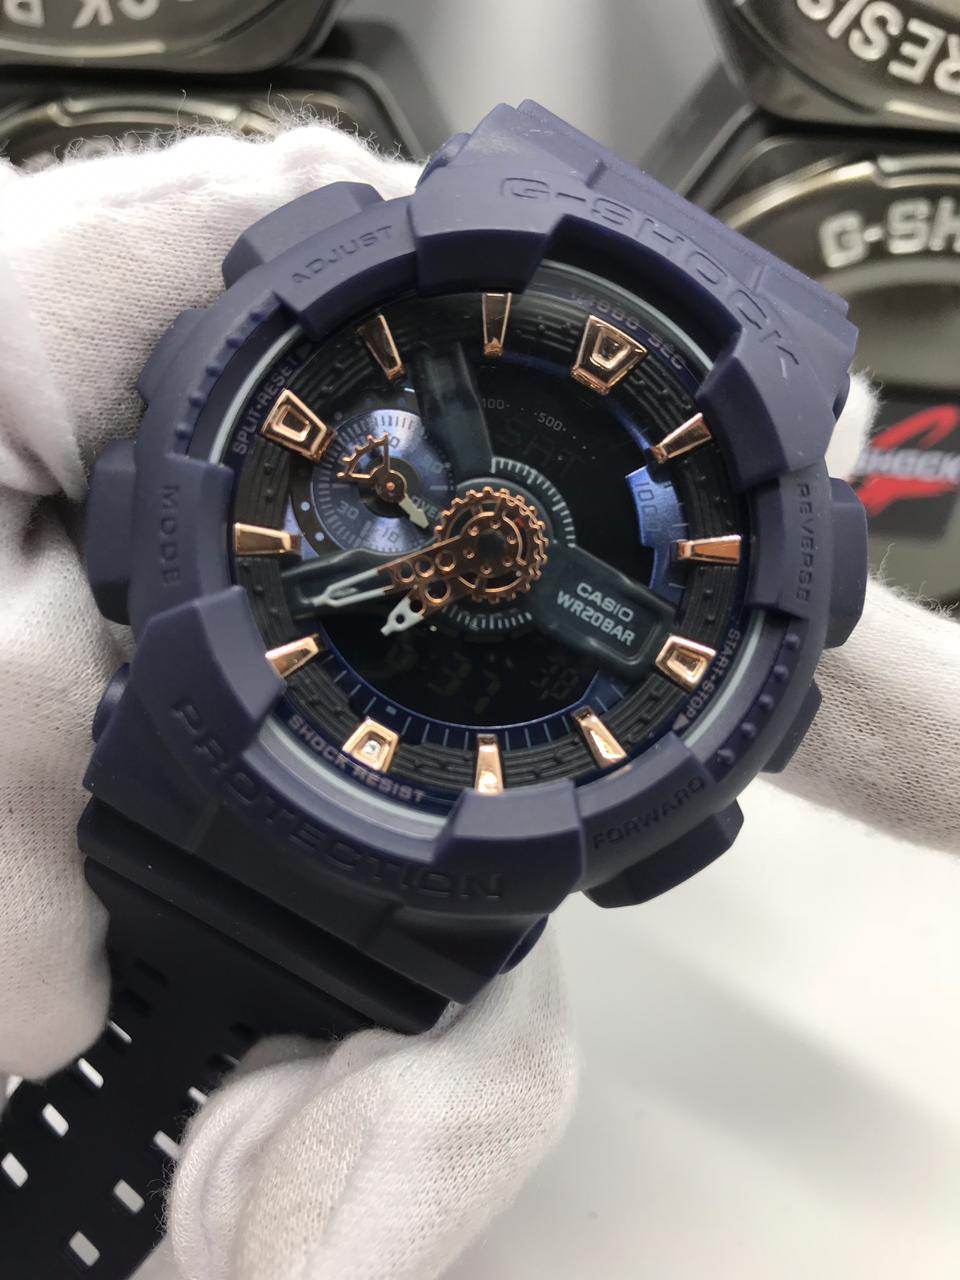 G-Shock Casio